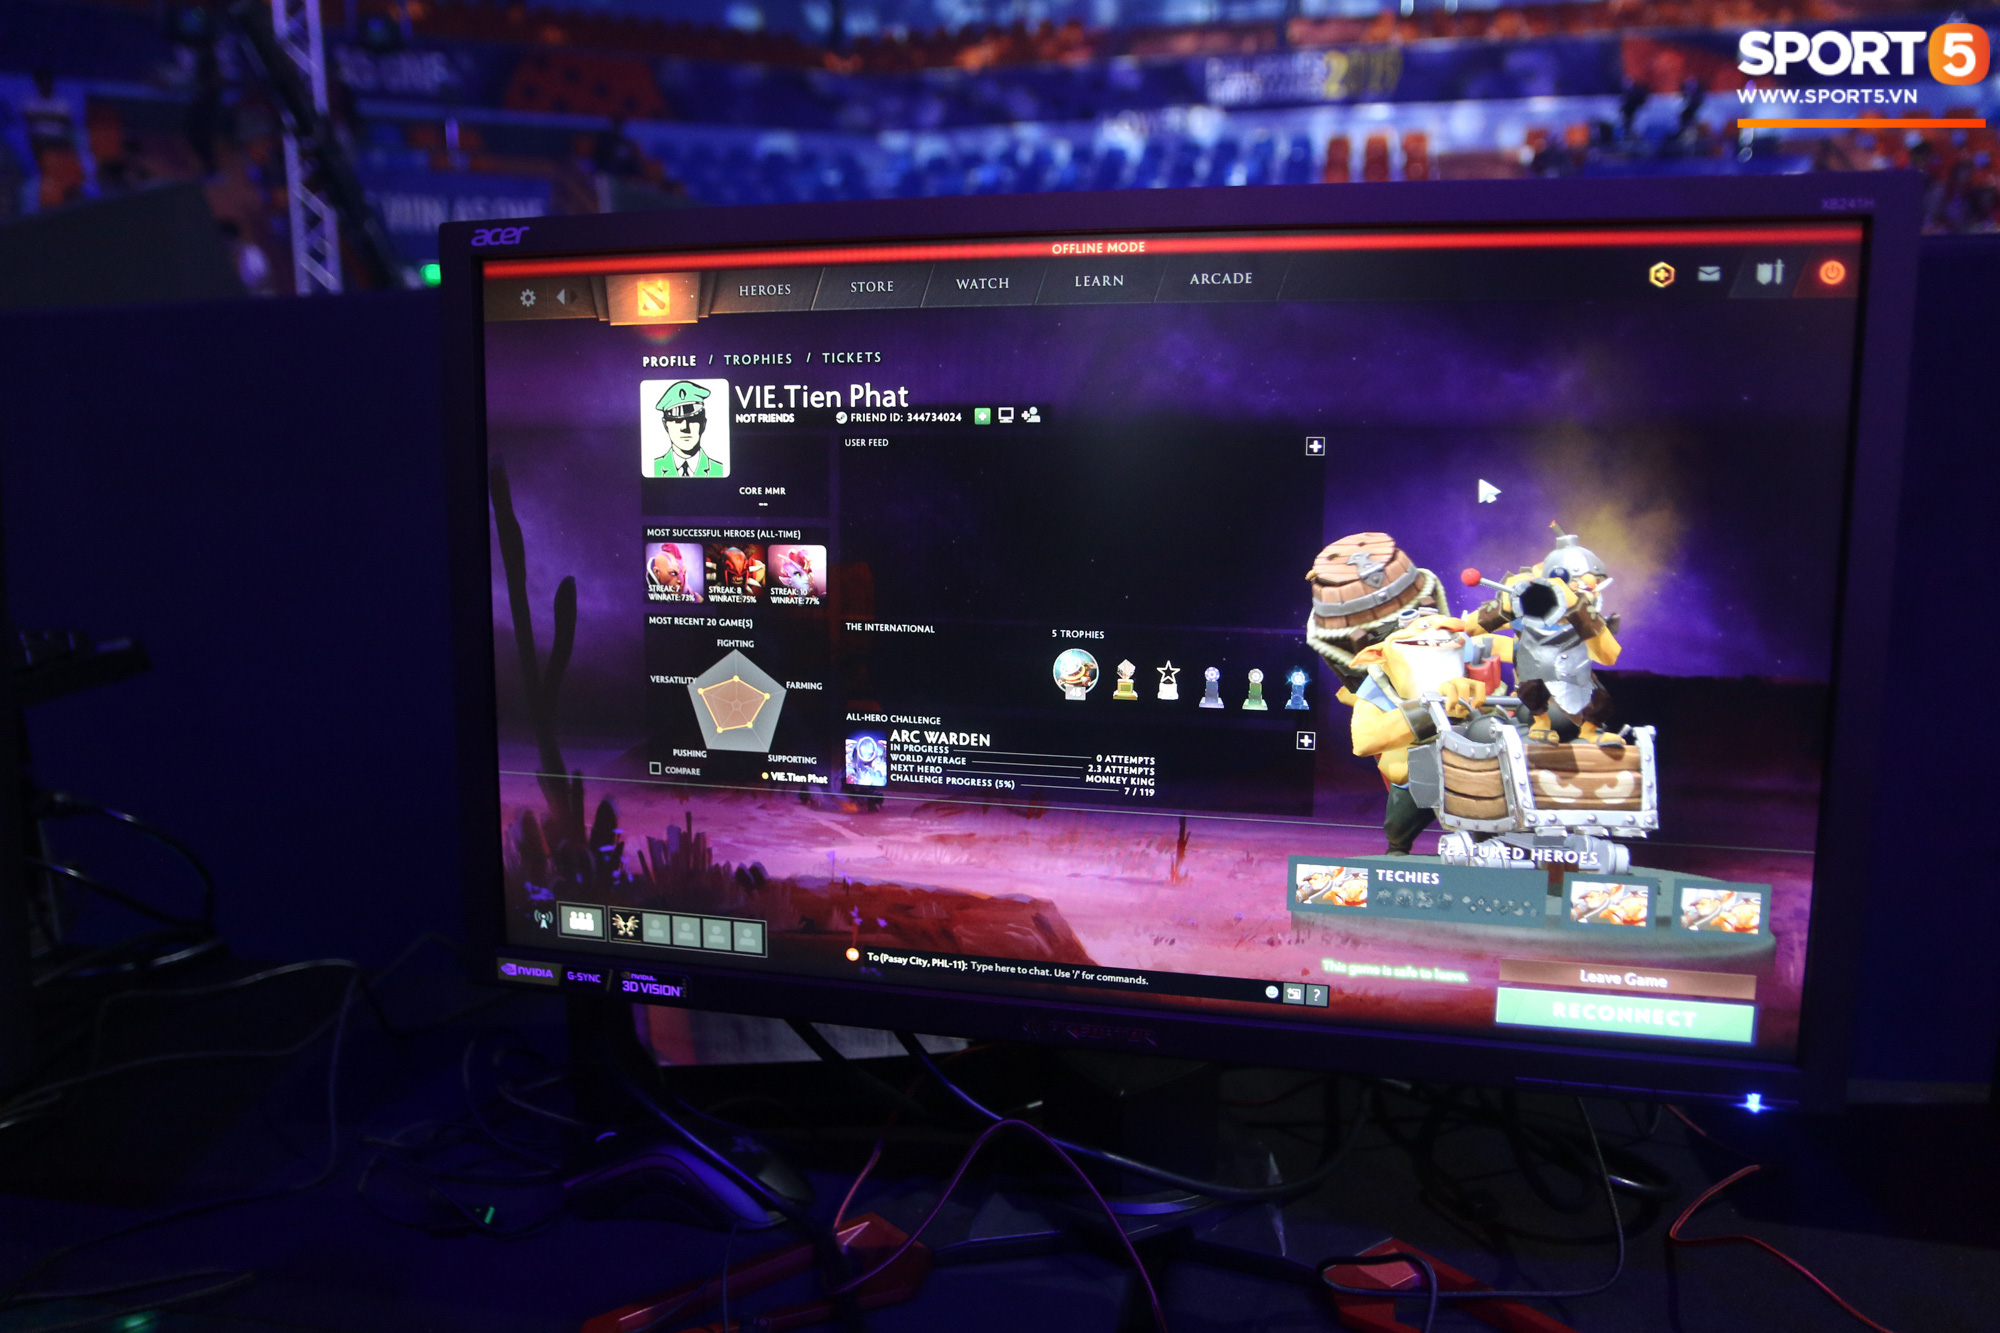 Ngày thi đấu thứ 3 của Esports tại SEA Games 30: Tưởng yên ổn nhưng chủ nhà lại khiến VĐV Việt Nam đau đầu vì sự cố mất mạng, sập nguồn - Ảnh 7.